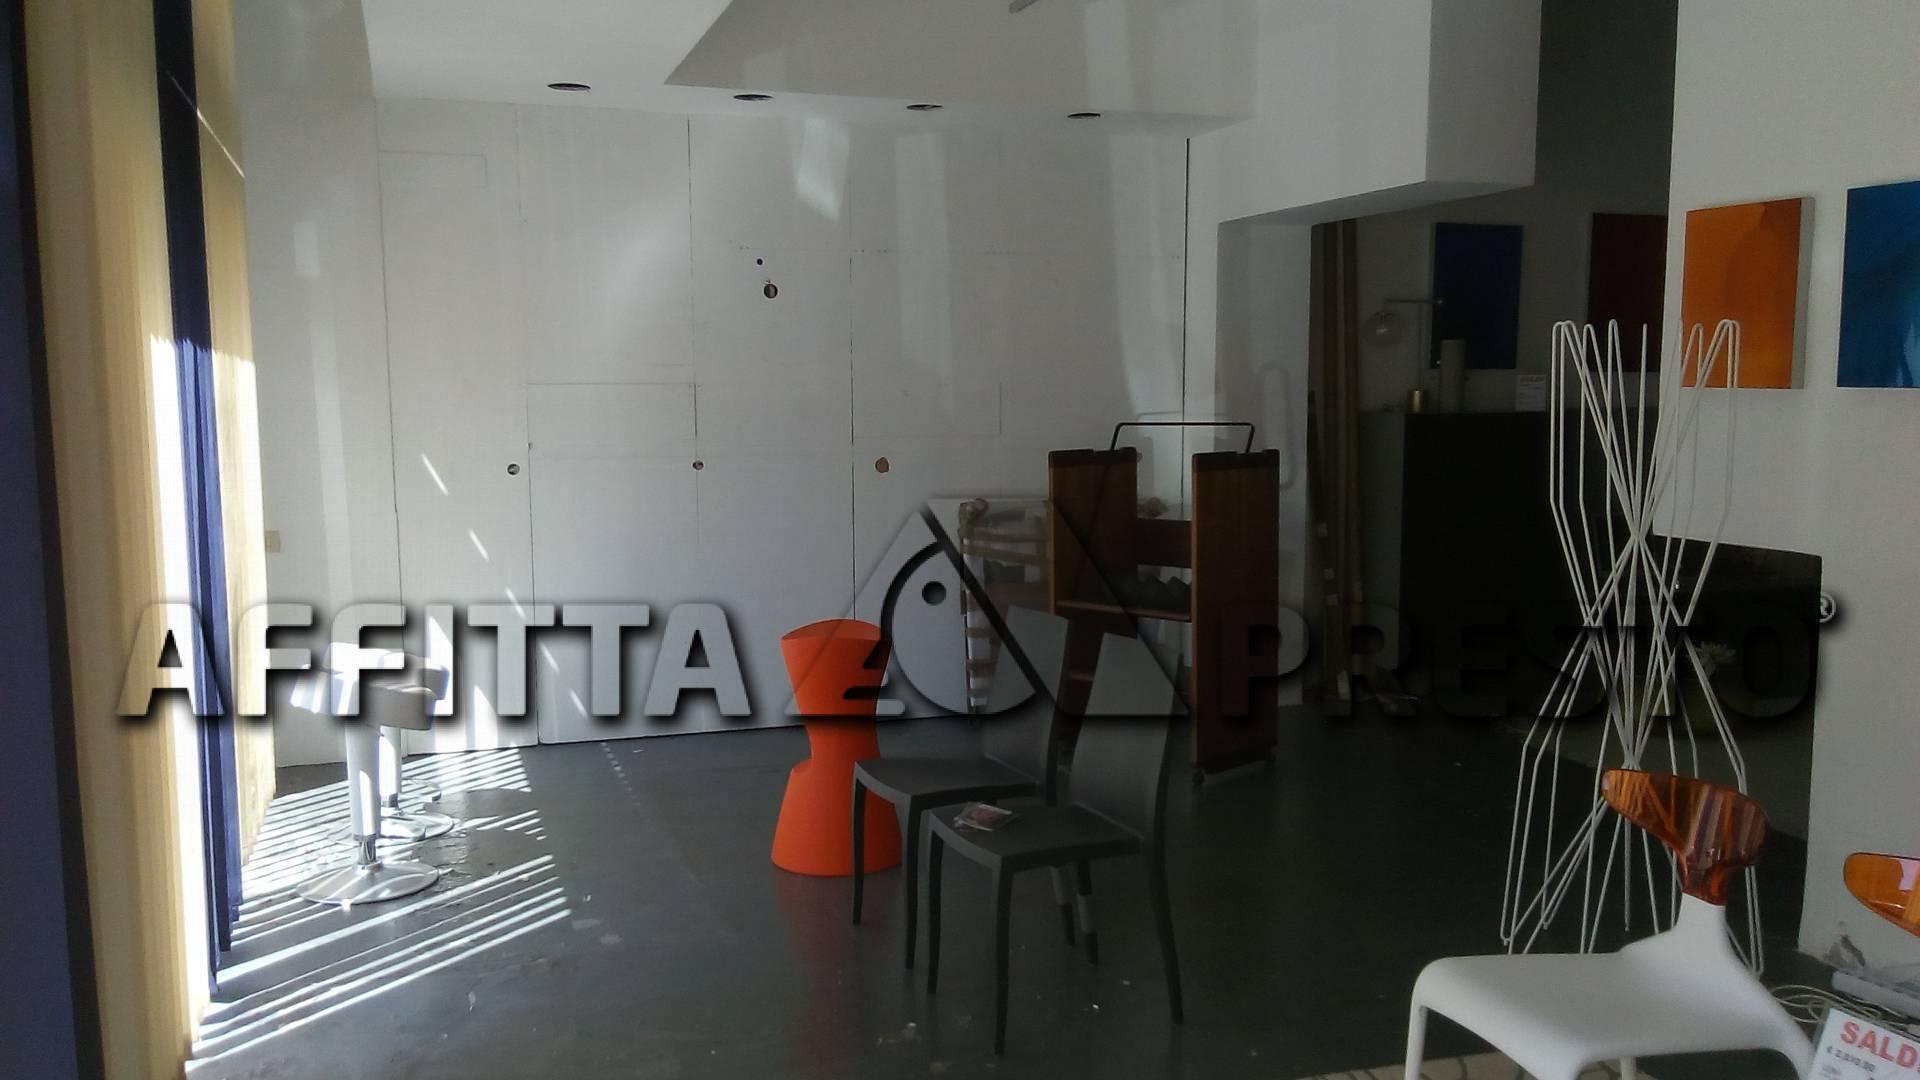 Attività commerciale in affitto - Livorno